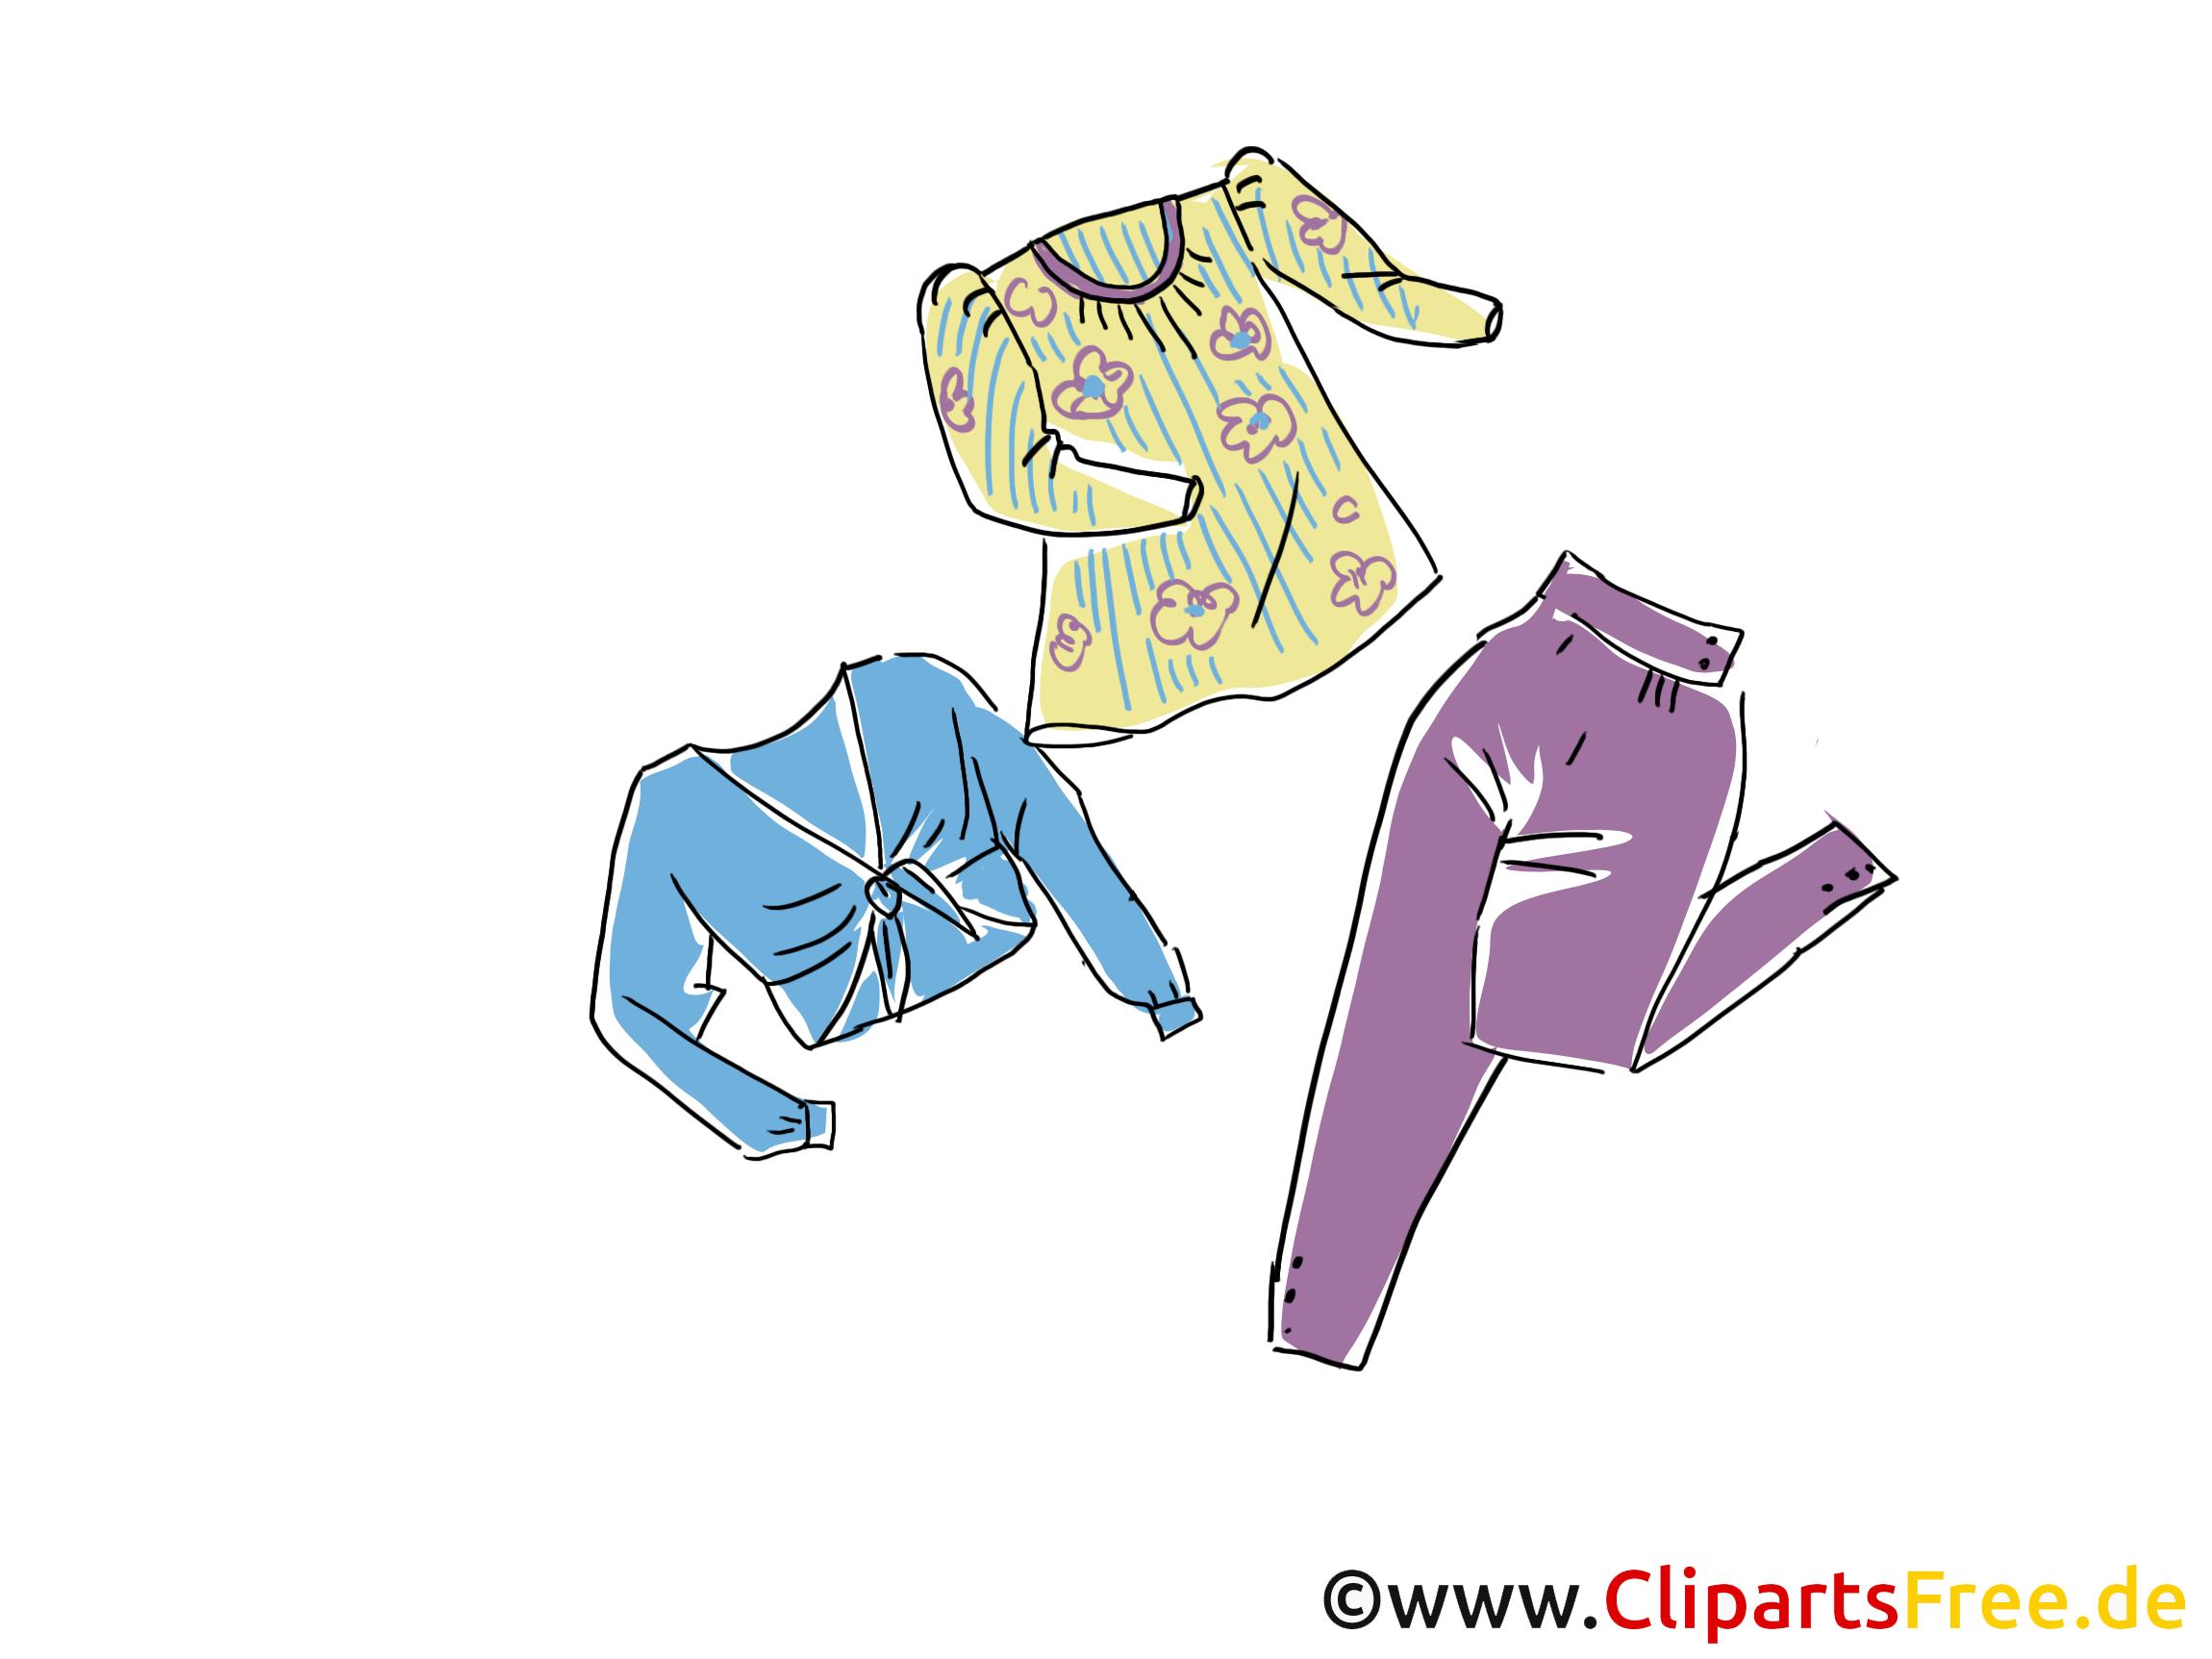 Clipart mode gratuit graphic Mode - Clipart images télécharger gratuit graphic